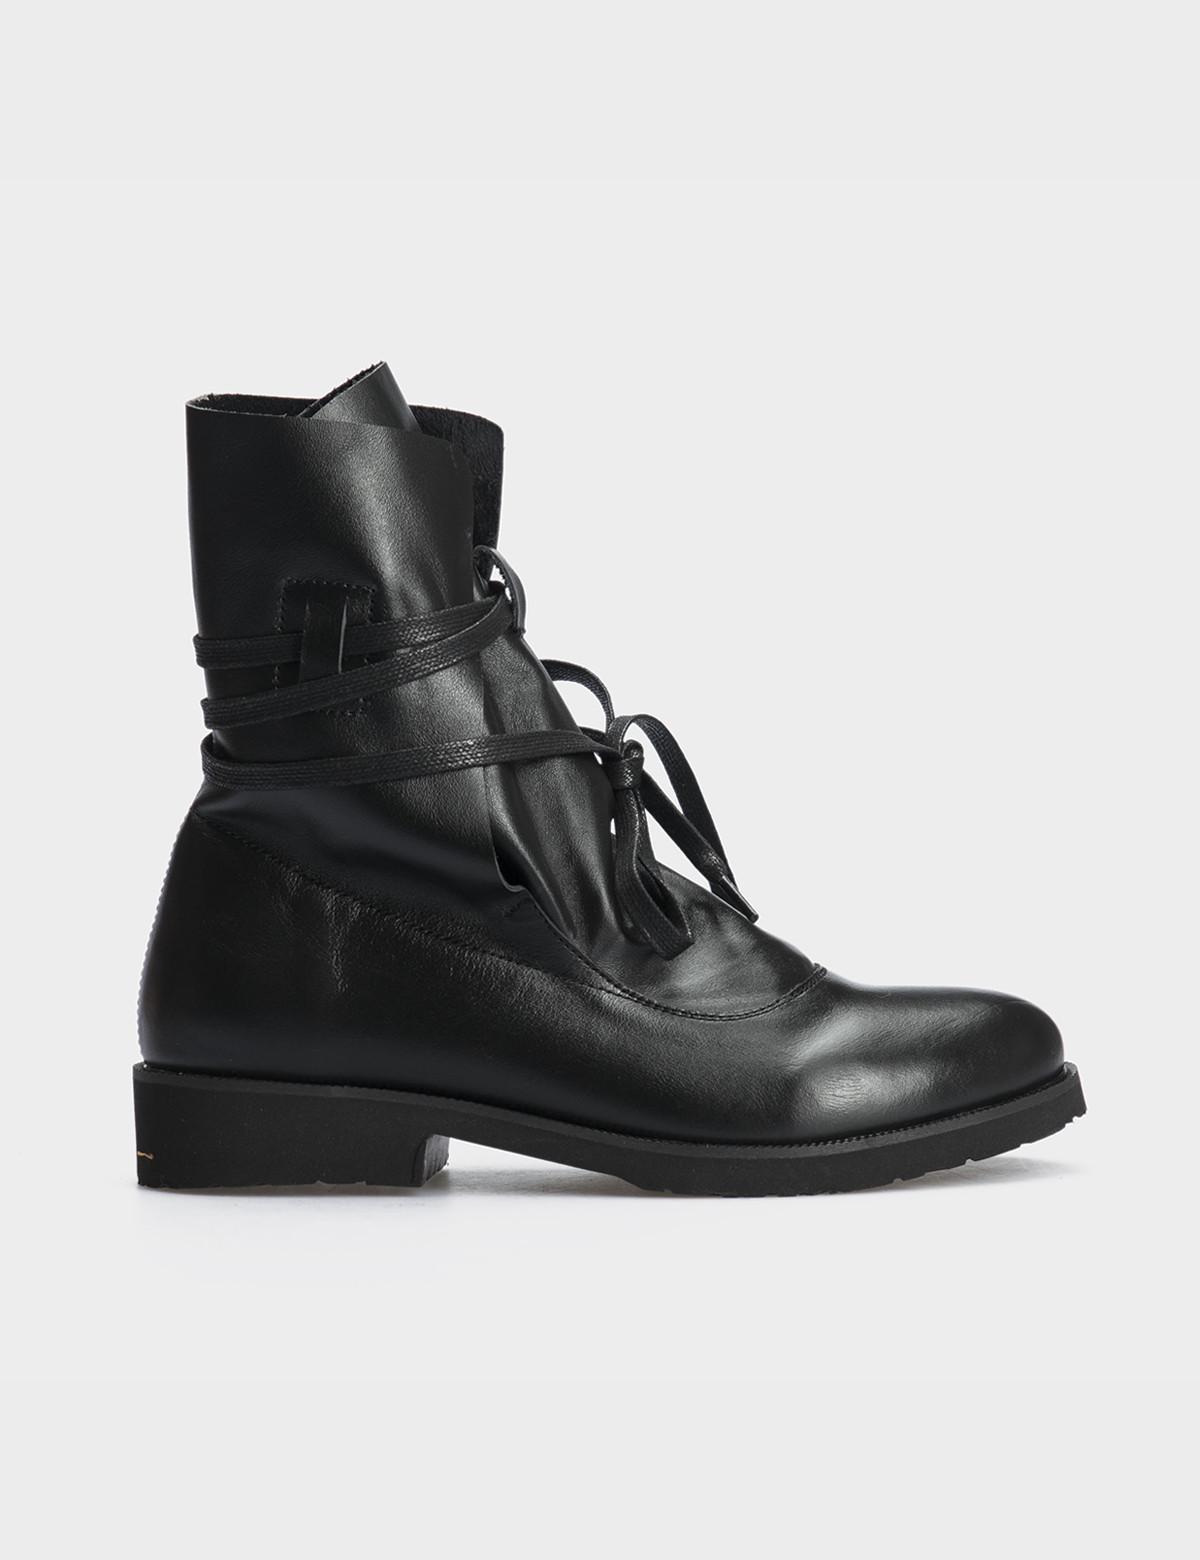 Ботинки натуральная черная кожа.